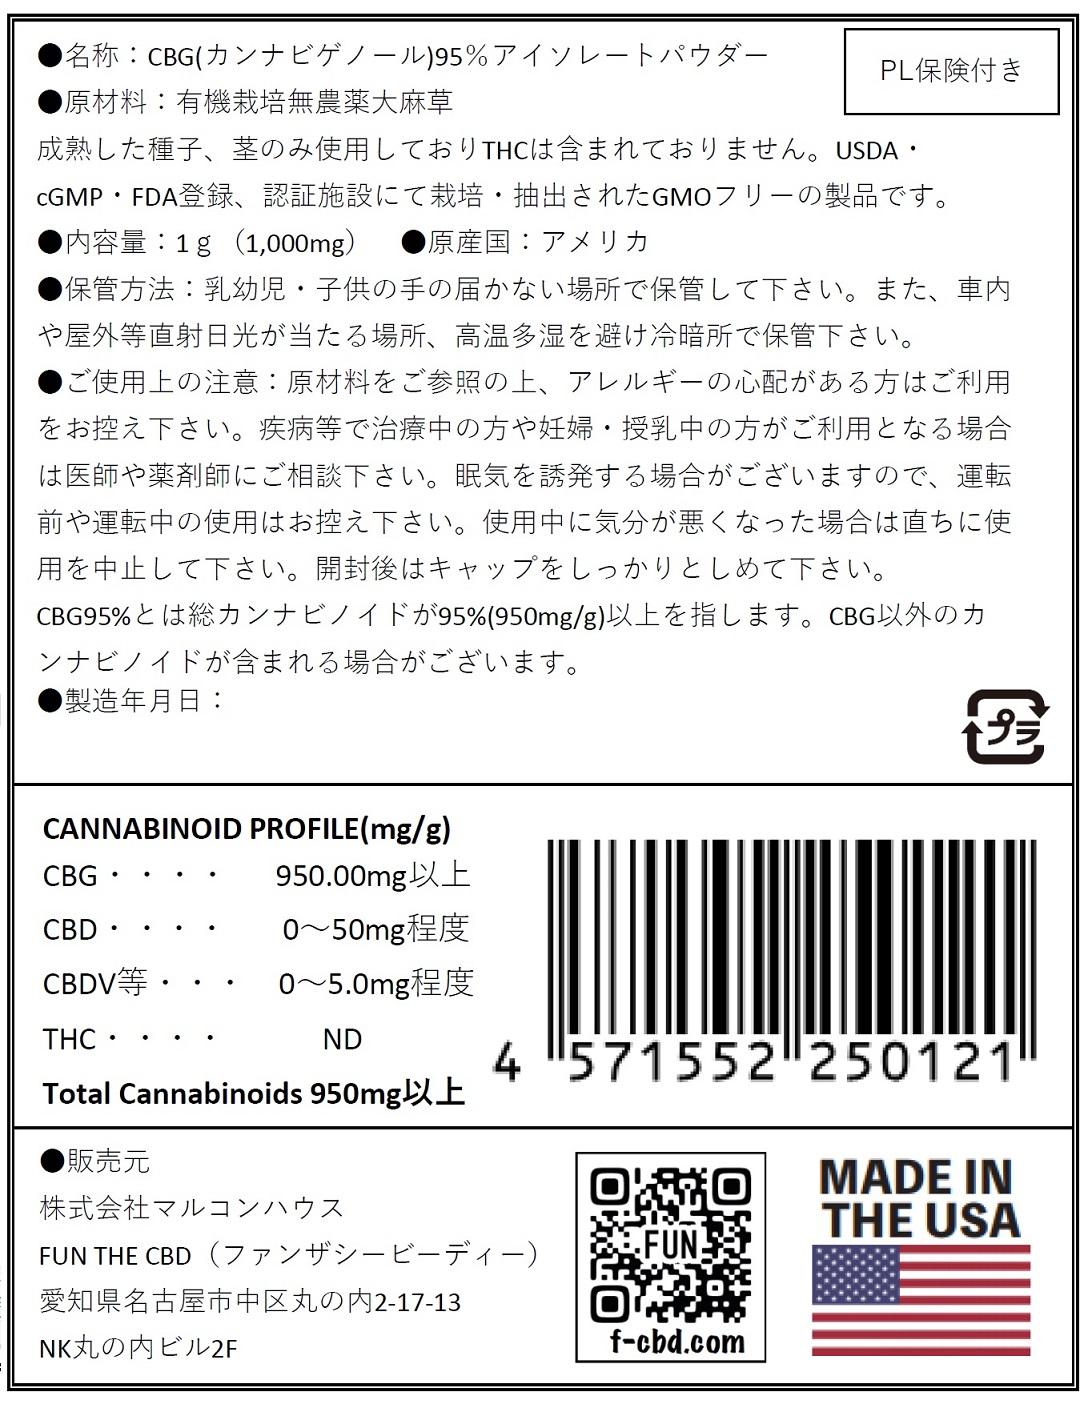 CBG(カンナビゲロール)95%アイソレートパウダー1,000mg匙付き